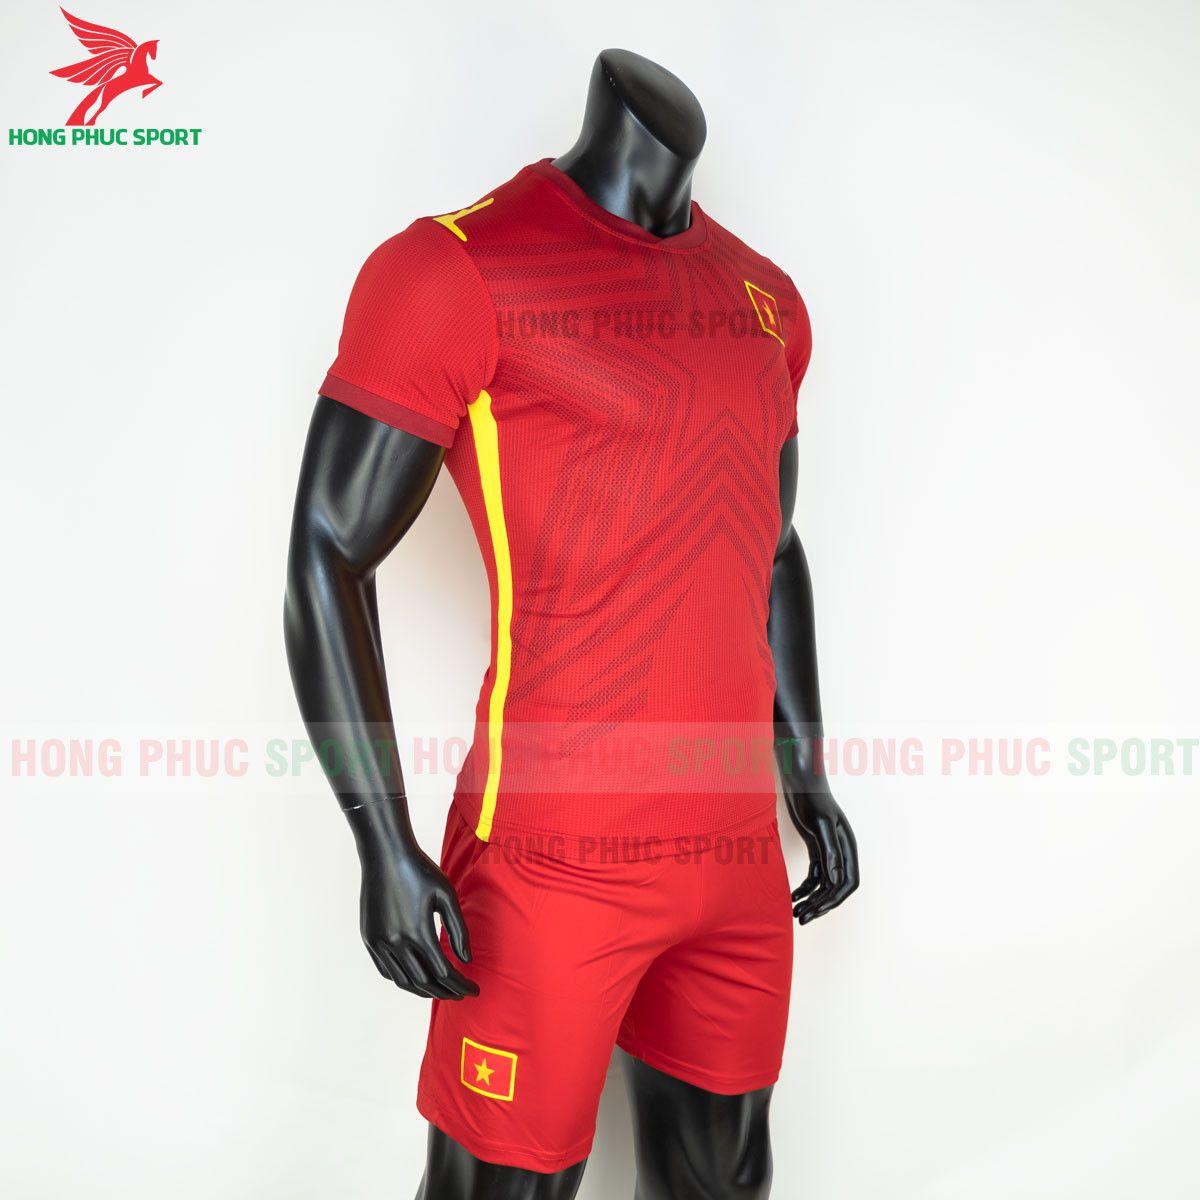 https://cdn.hongphucsport.com/unsafe/s4.shopbay.vn/files/285/ao-bong-da-tuyen-viet-nam-2021-san-nha-hang-thai-6-60d31000af99c.jpg